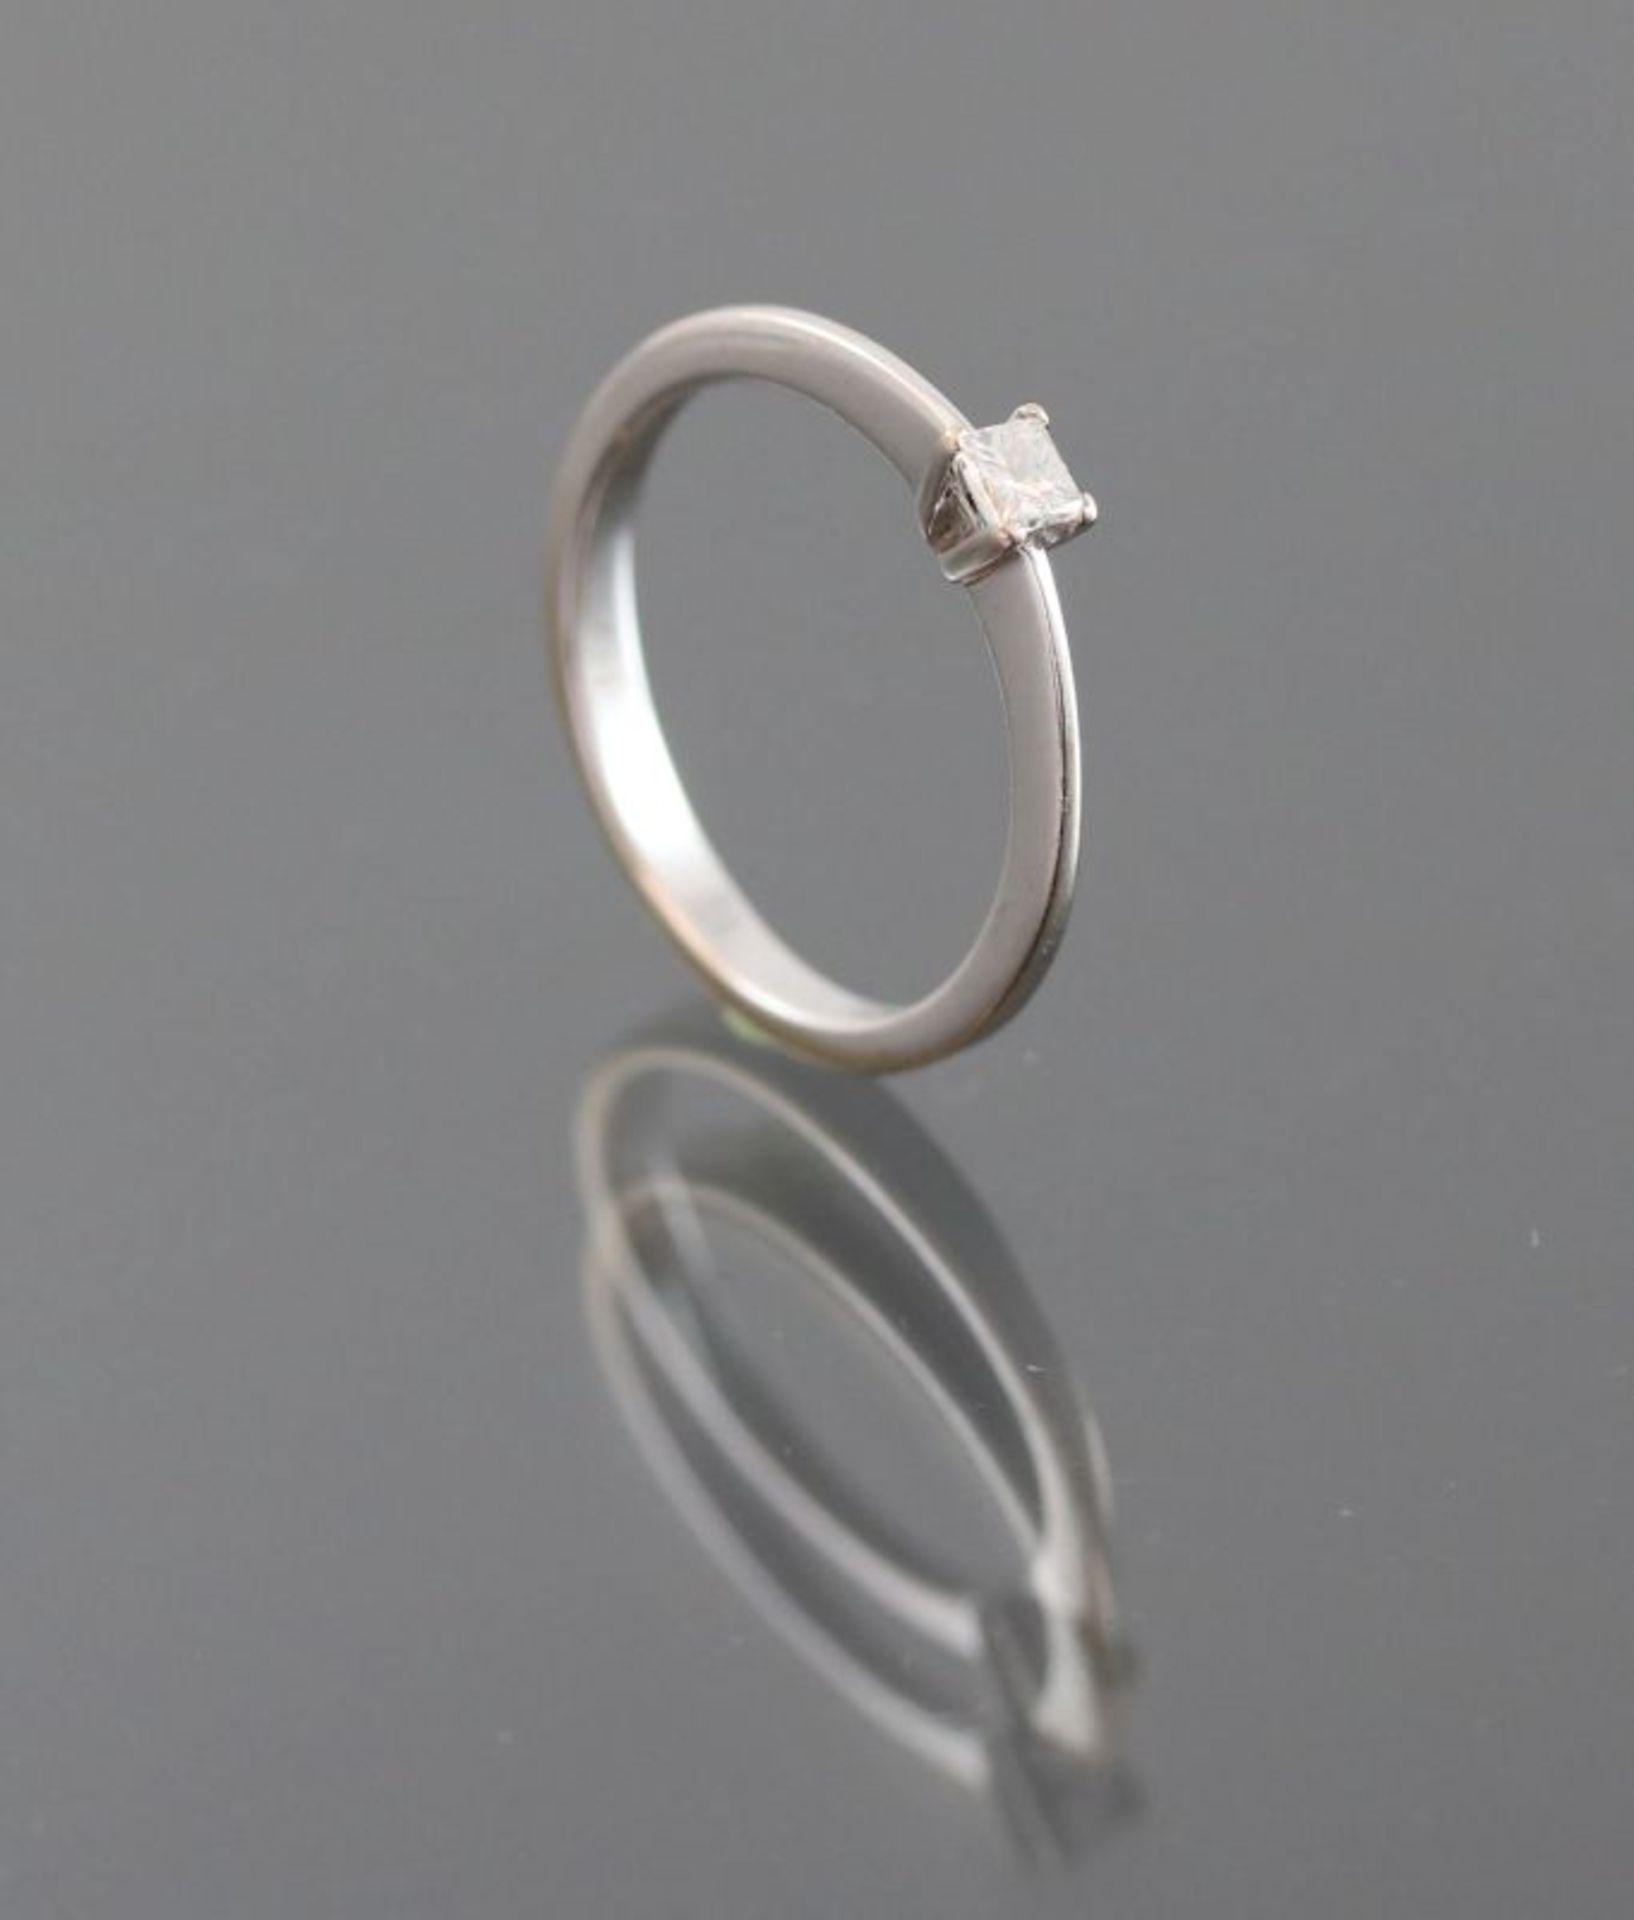 Diamant-Ring, 750 Weißgold2,5 Gramm 1 Diamantcarre, 0,15 ct., Ringgröße: 53,5Schätzpreis: 700,-